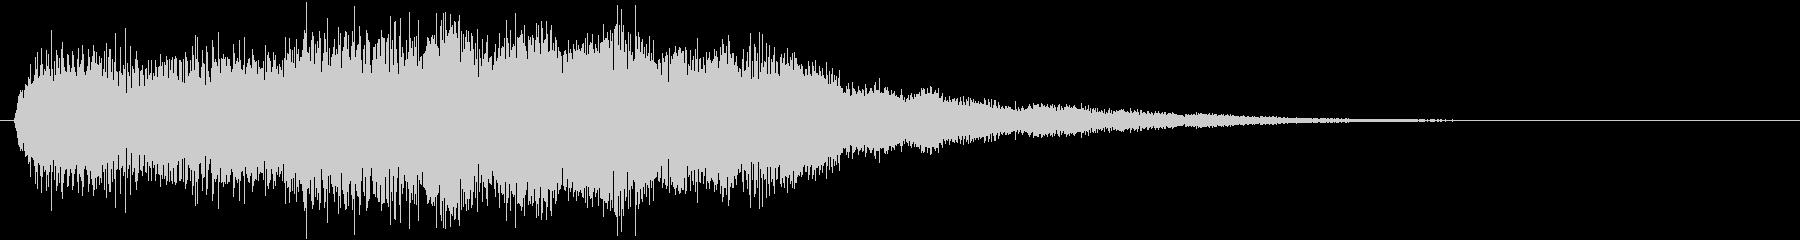 音楽ロゴ;エレクトリックチャイム、...の未再生の波形